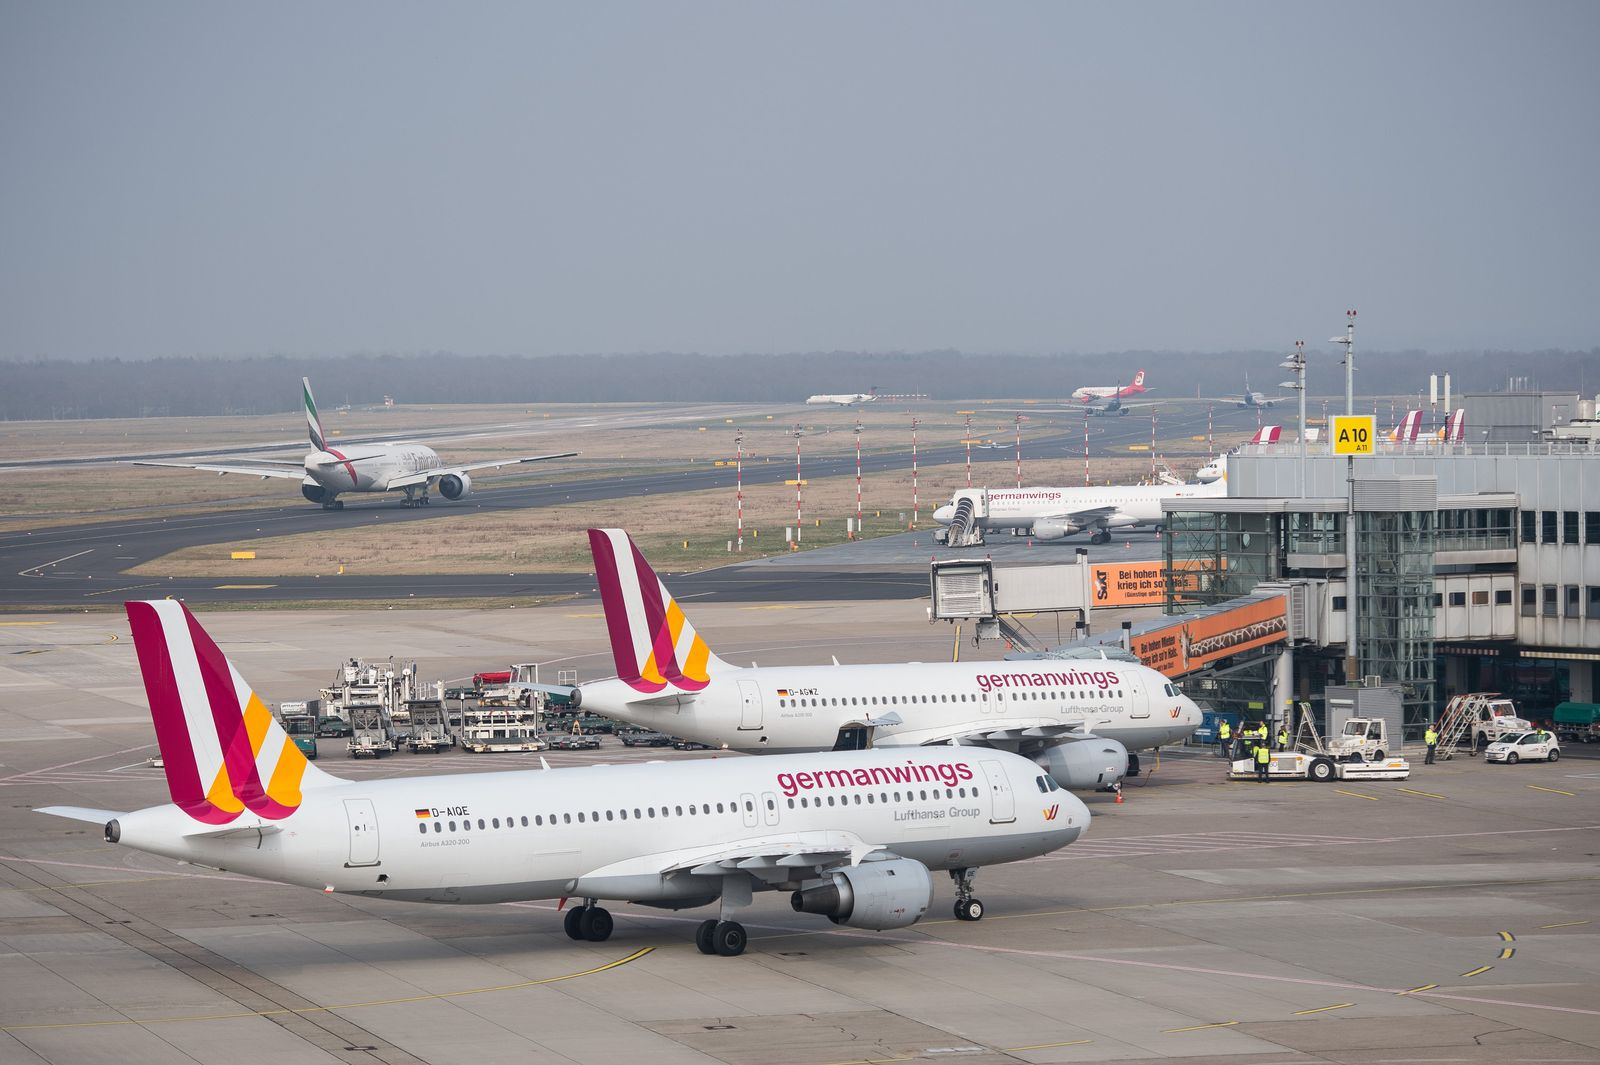 Germanwings Absturz/ Düsseldorf Flughafen